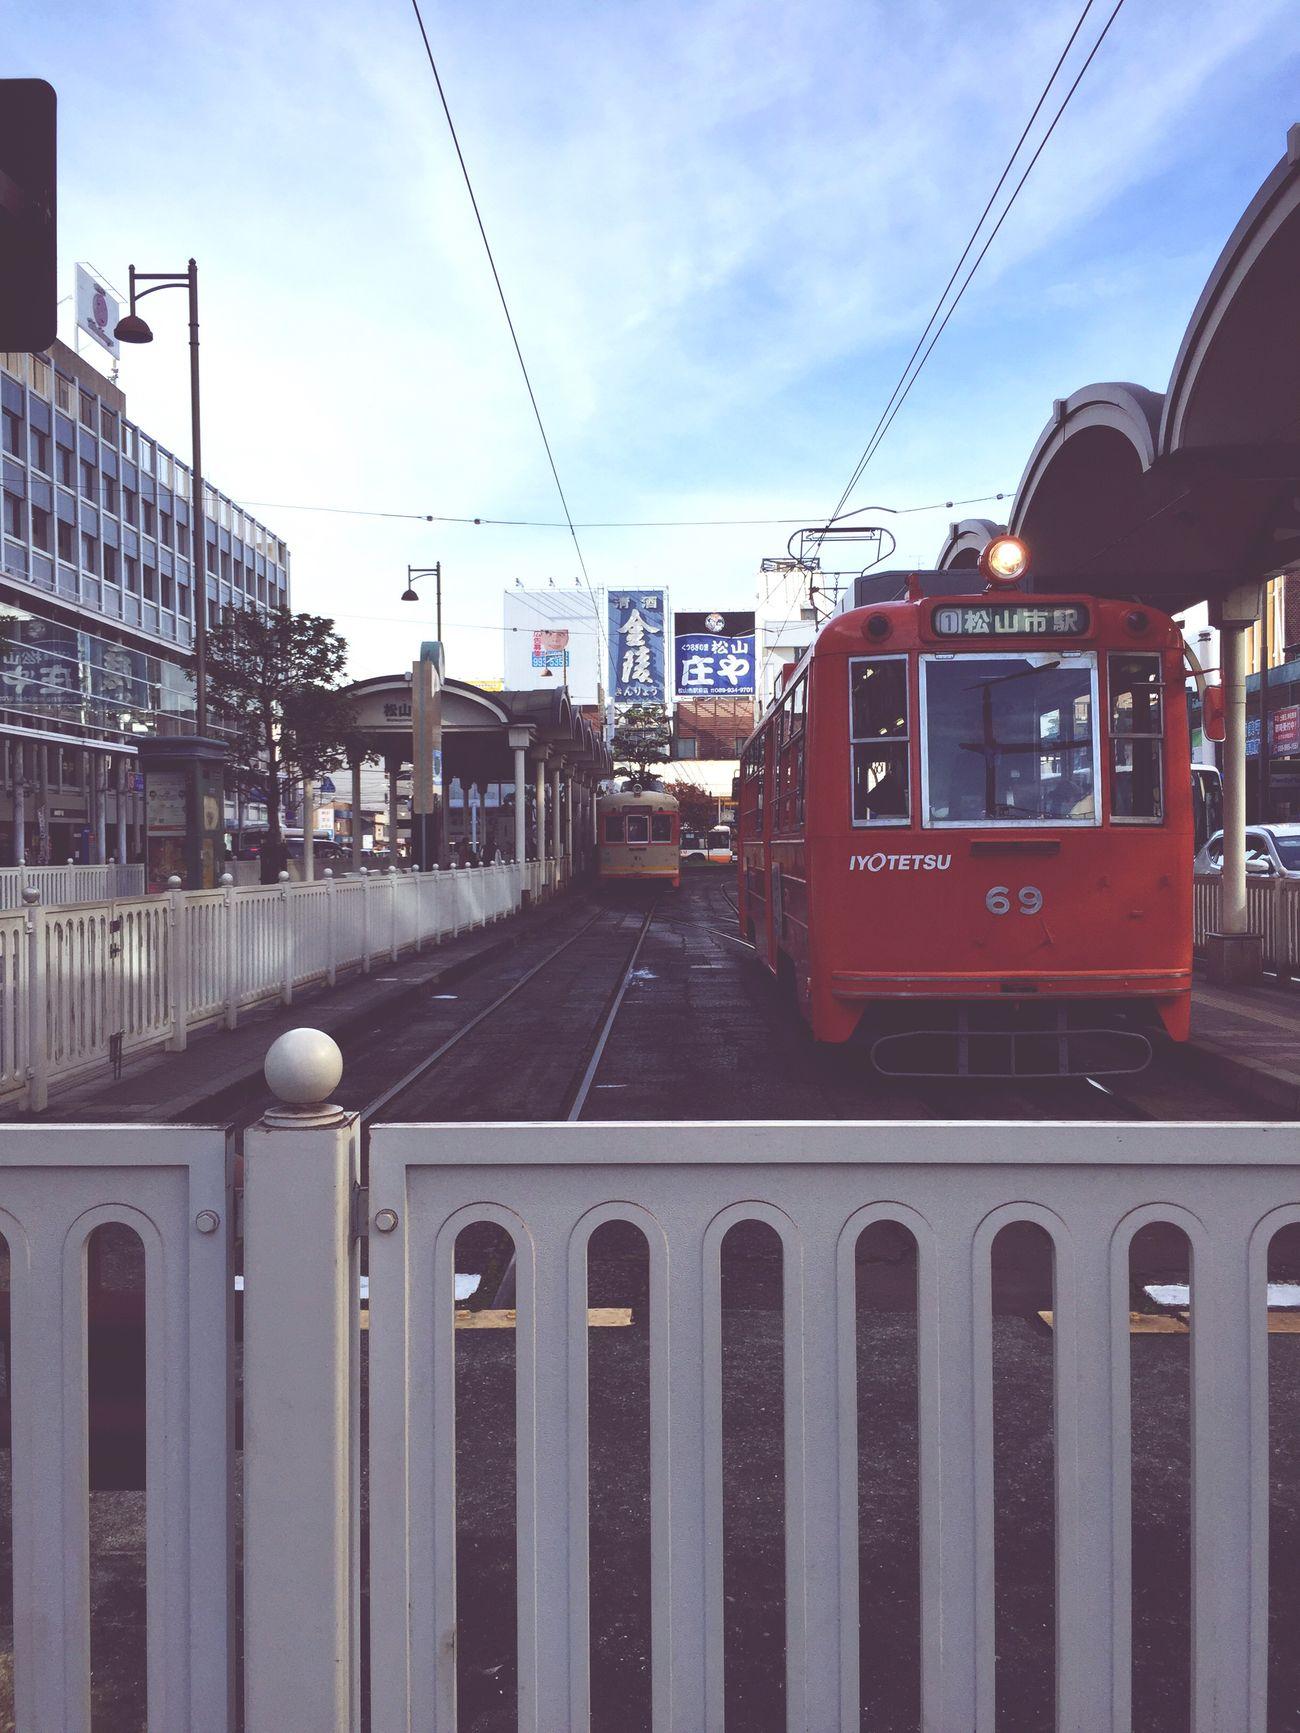 伊予鉄 坊っちゃん電車